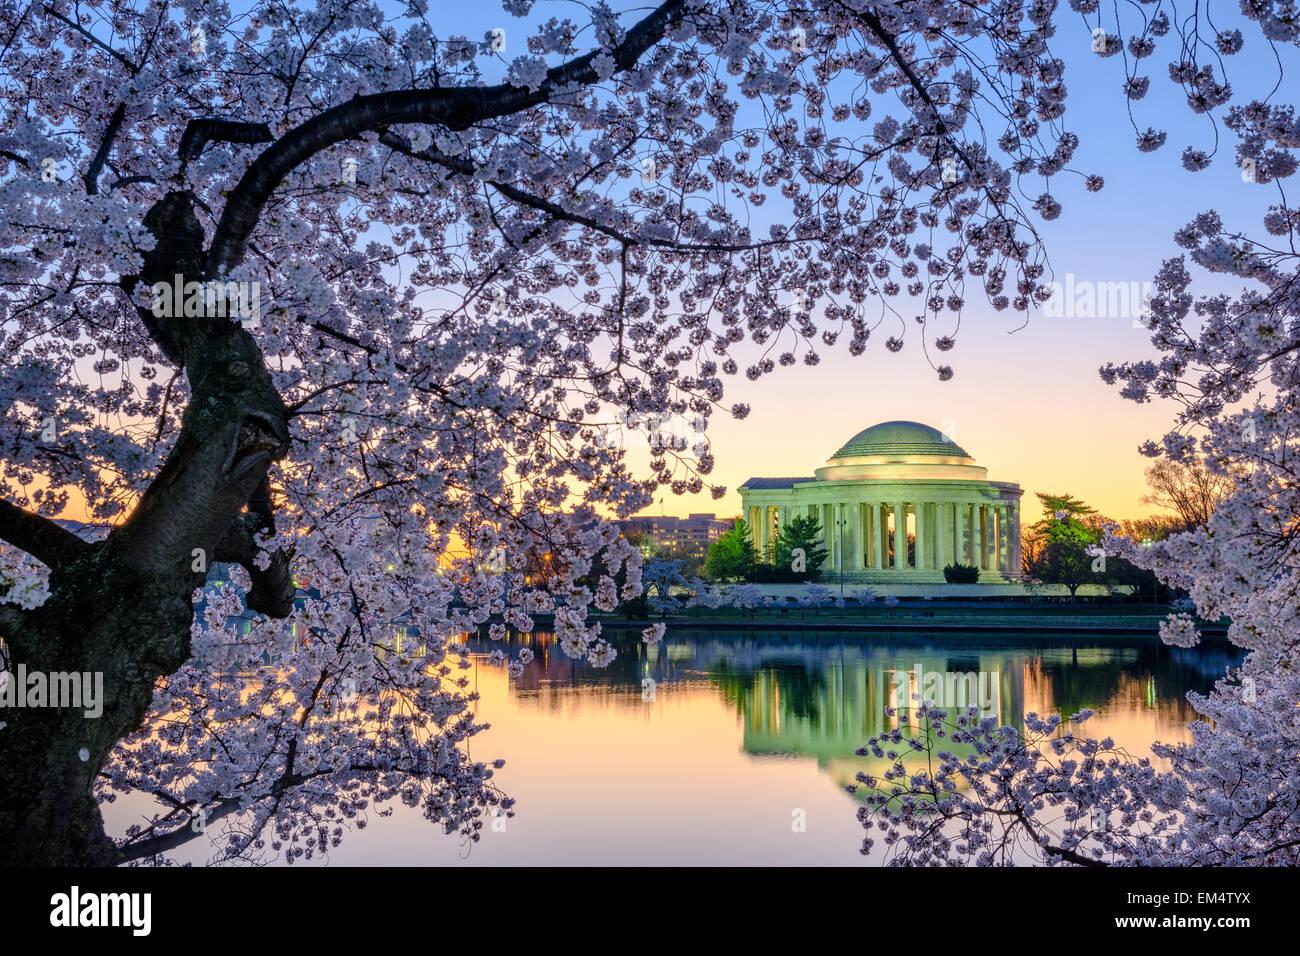 Washington, DC, en el Jefferson Memorial durante la primavera. Imagen De Stock